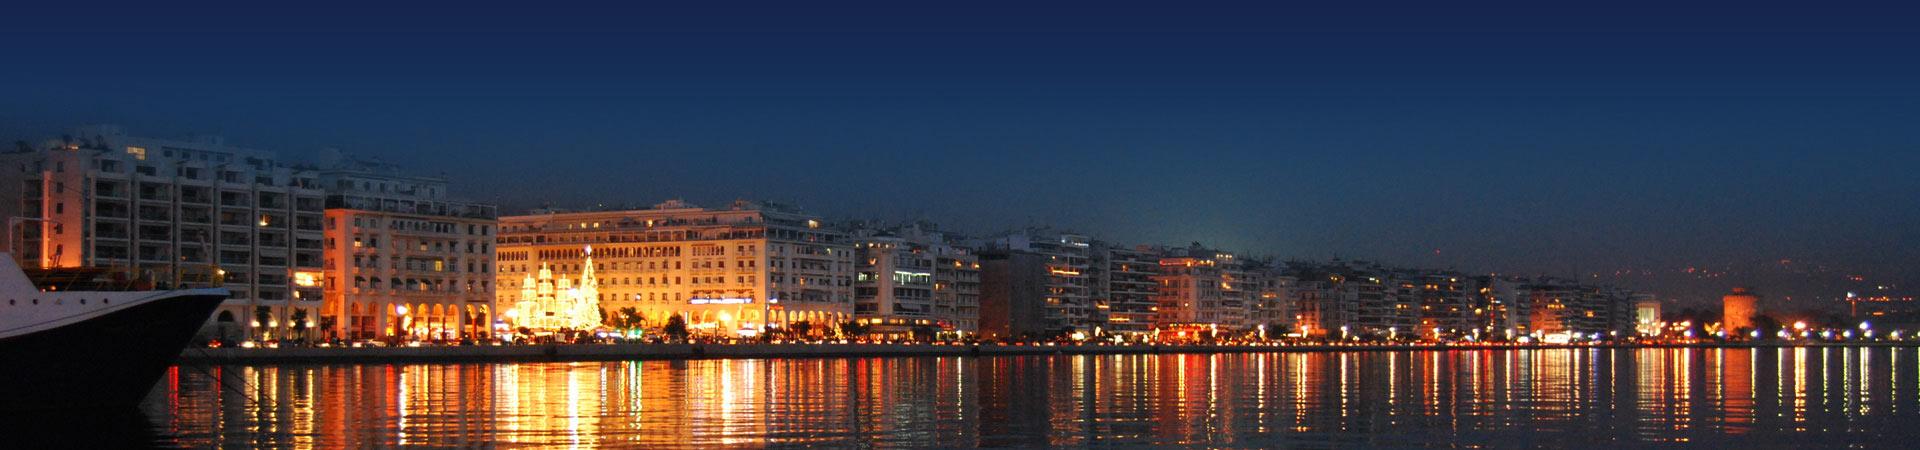 Όψεις καθημερινότητας στη Θεσσαλονίκη